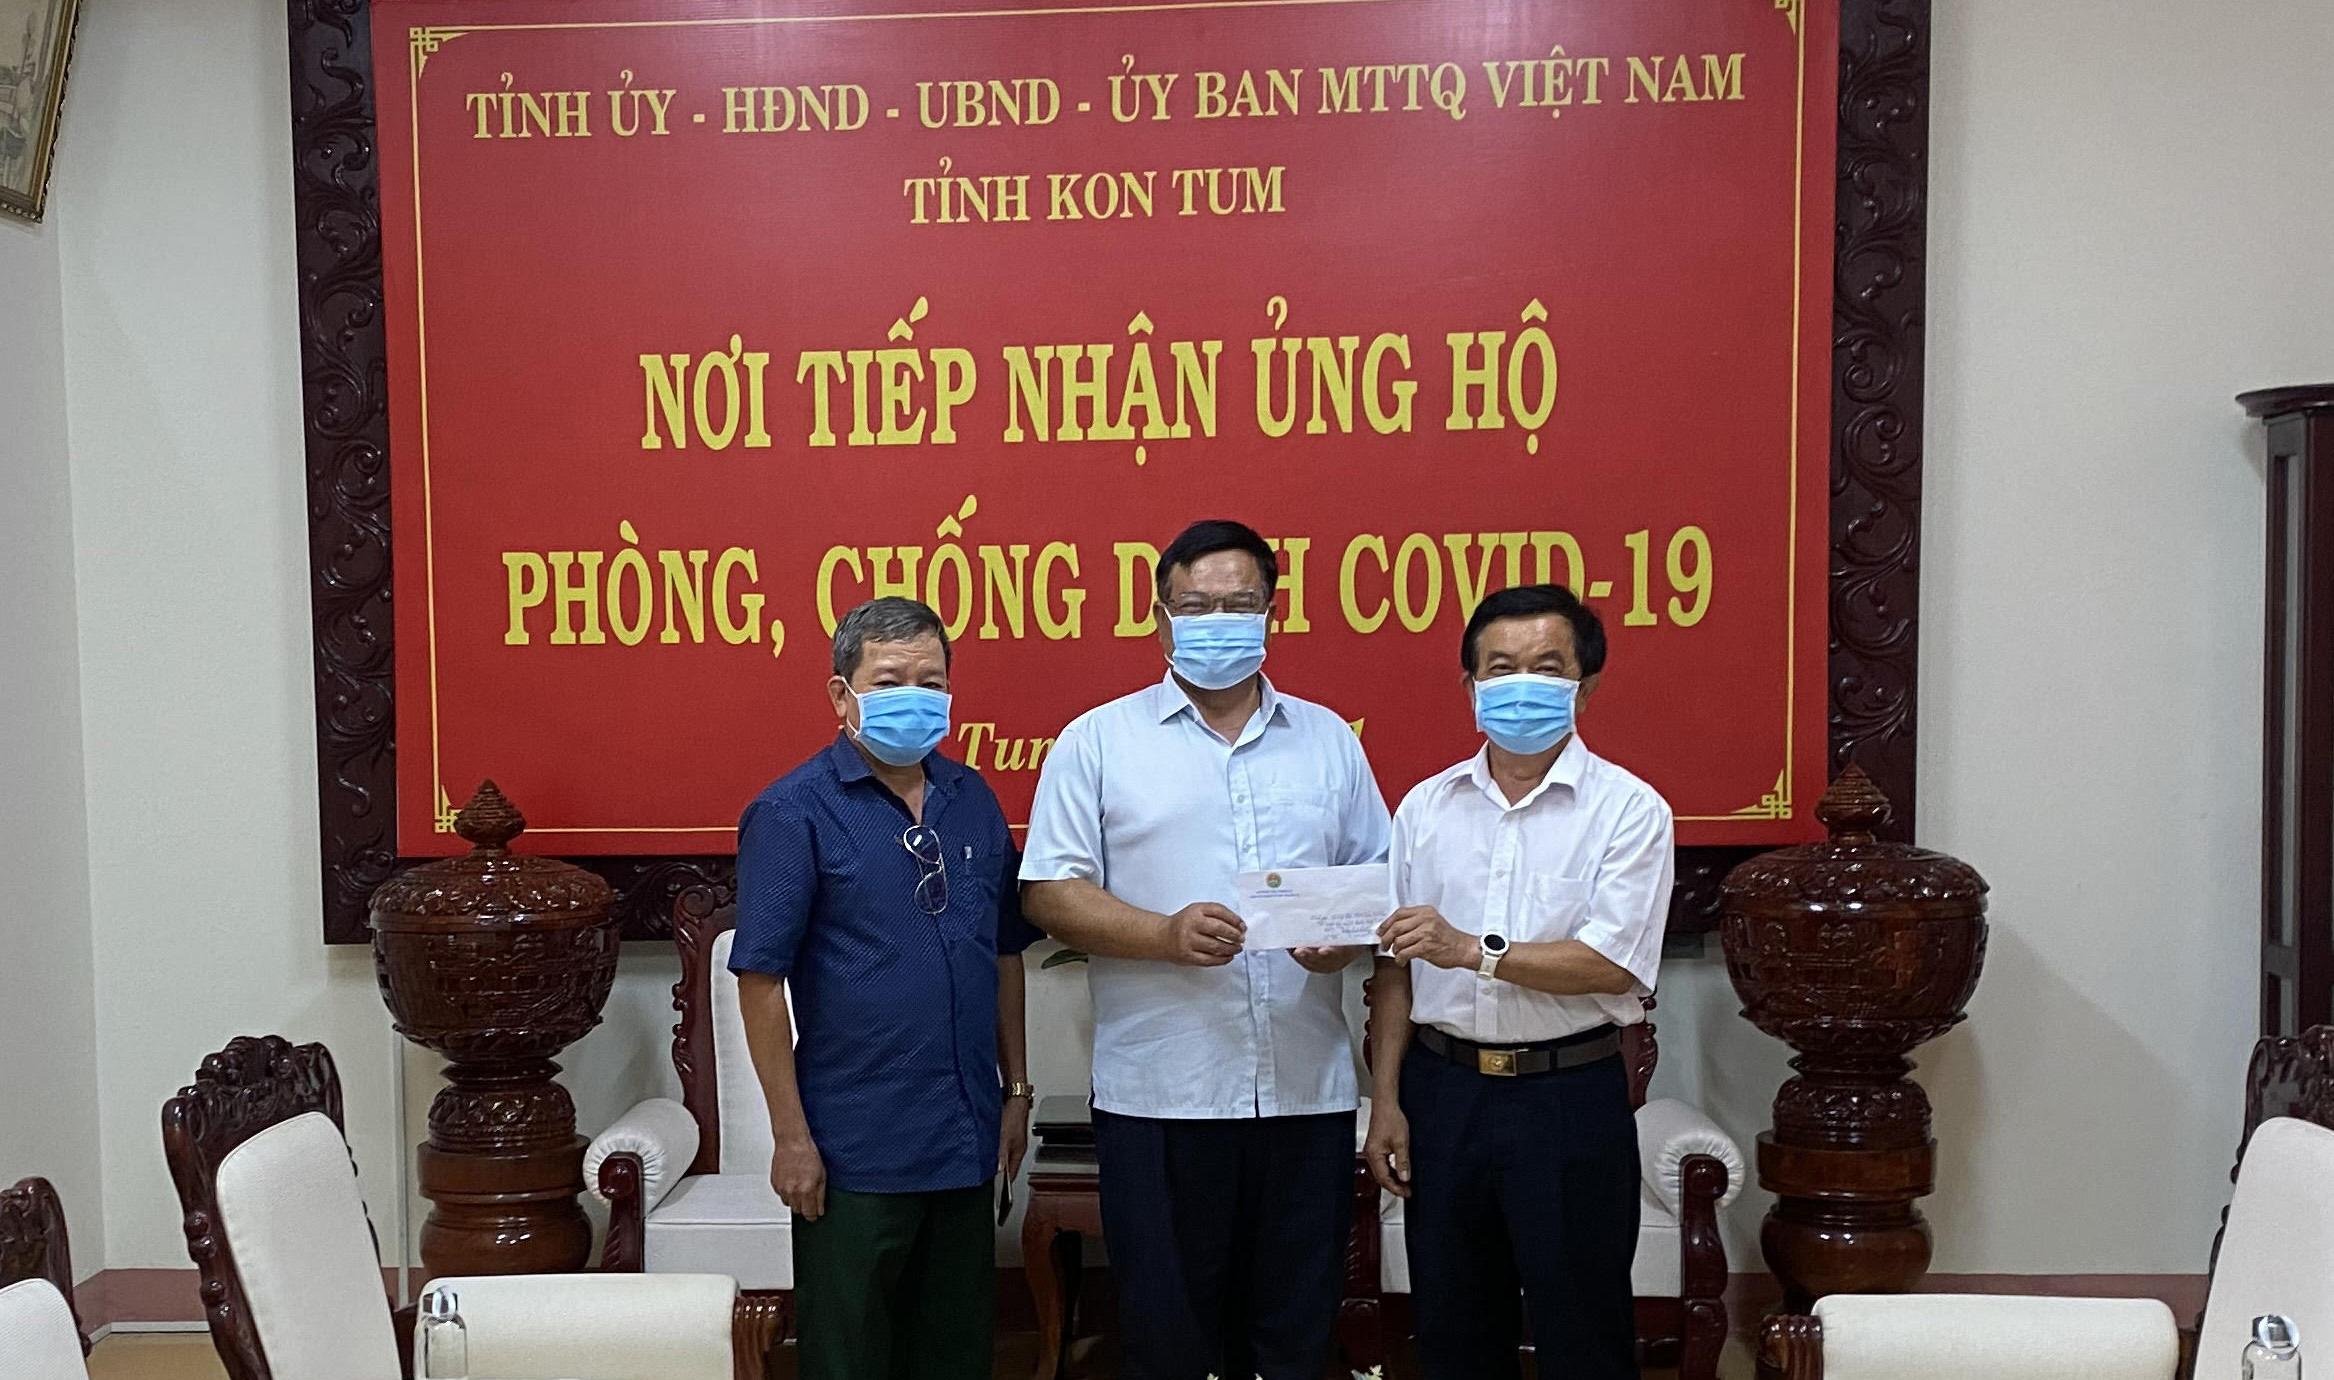 Hội Trường Sơn tỉnh Kon Tum, ủng hộ quỹ phòng chống dịch Covid-19 và tặng quà nhân ngày TBLS (27-7)